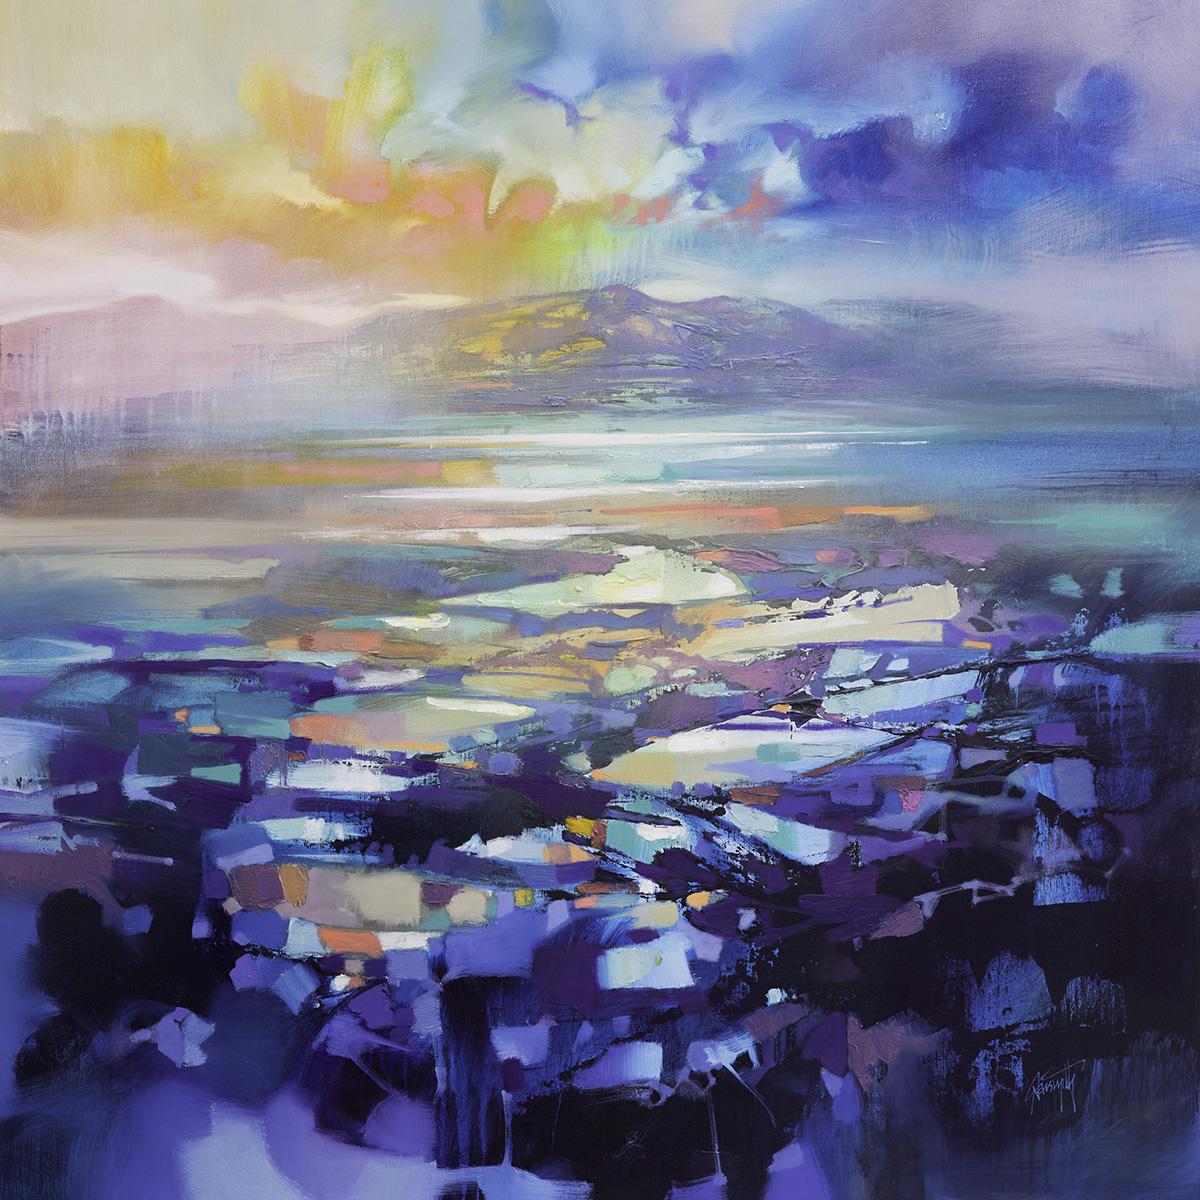 Hebridean Resonance II by Scott Naismith